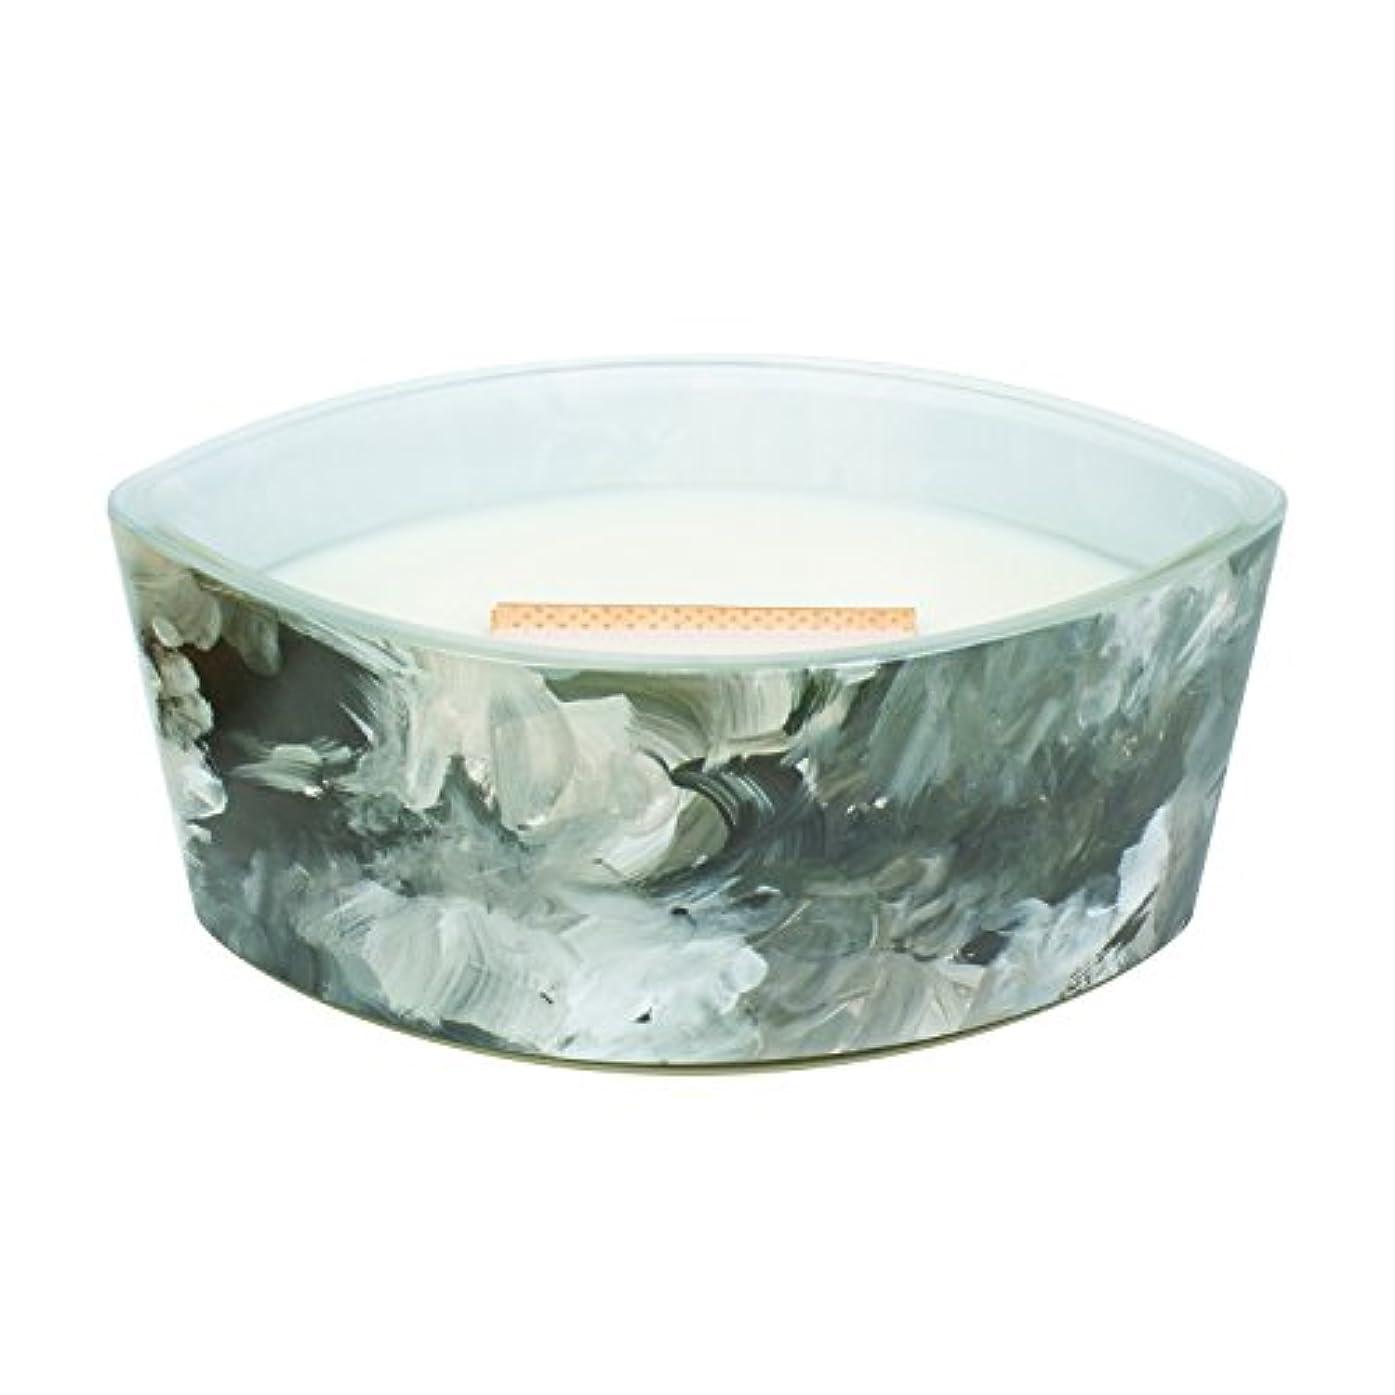 ちらつきジェム階ブラックオレンジCitrus – アーティザンコレクション楕円WoodWick香りつきJar Candle